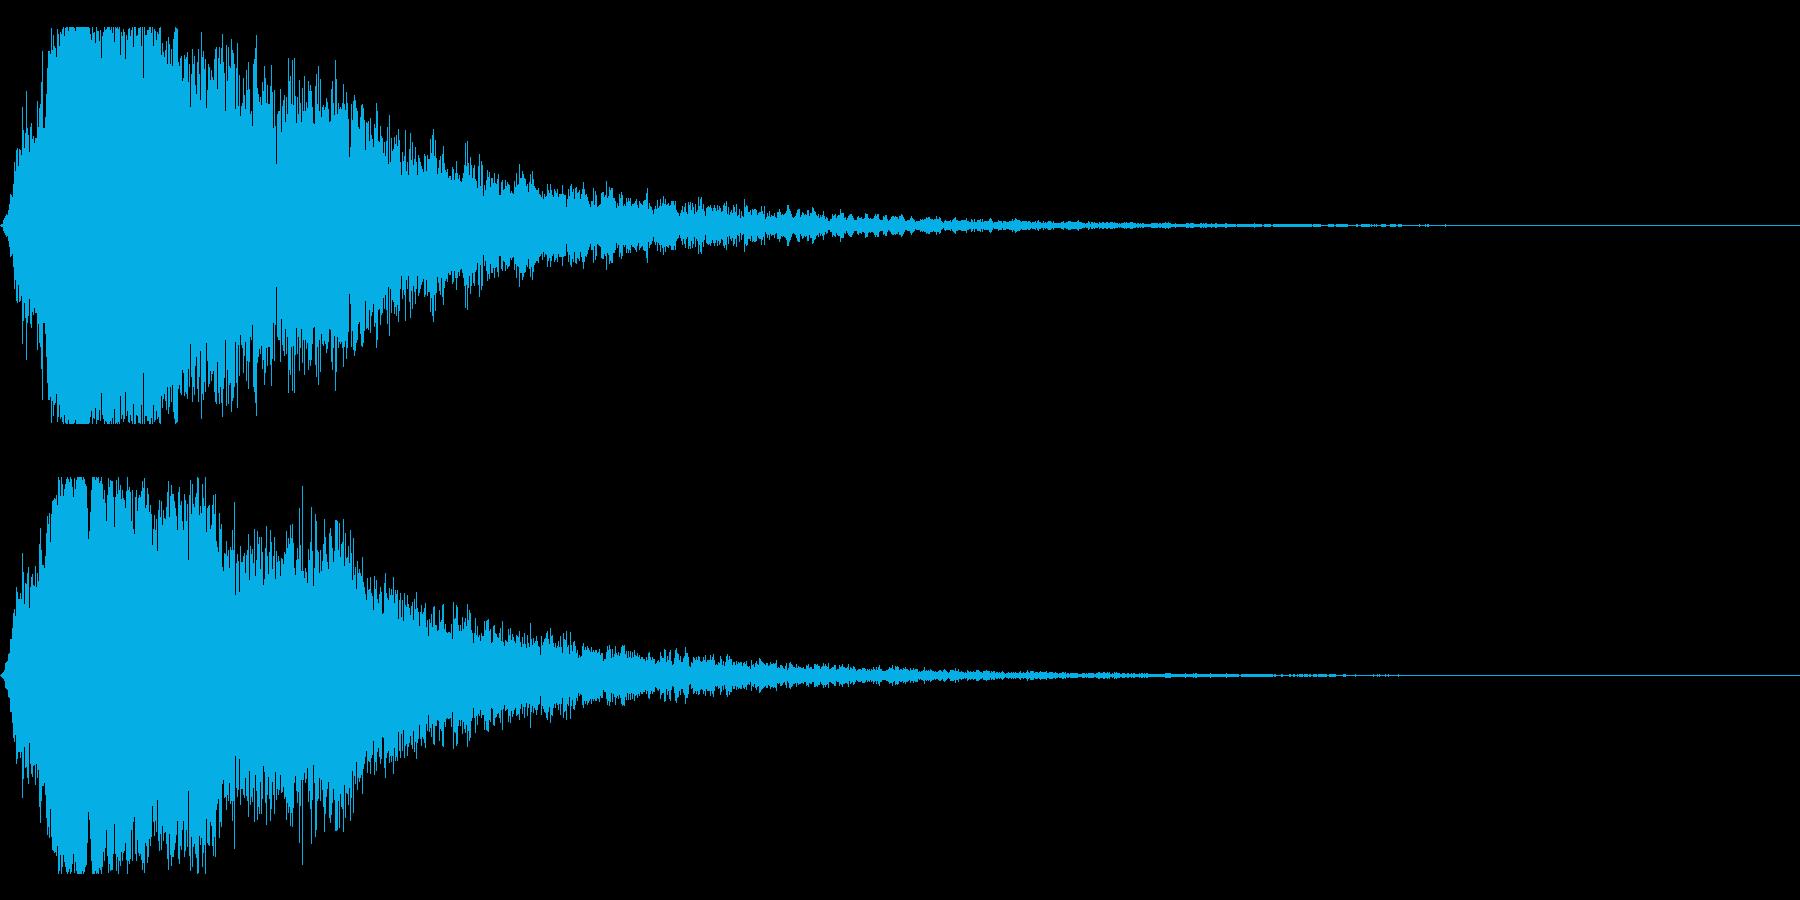 シャキーン キラーン☆強烈な輝き!7bvの再生済みの波形